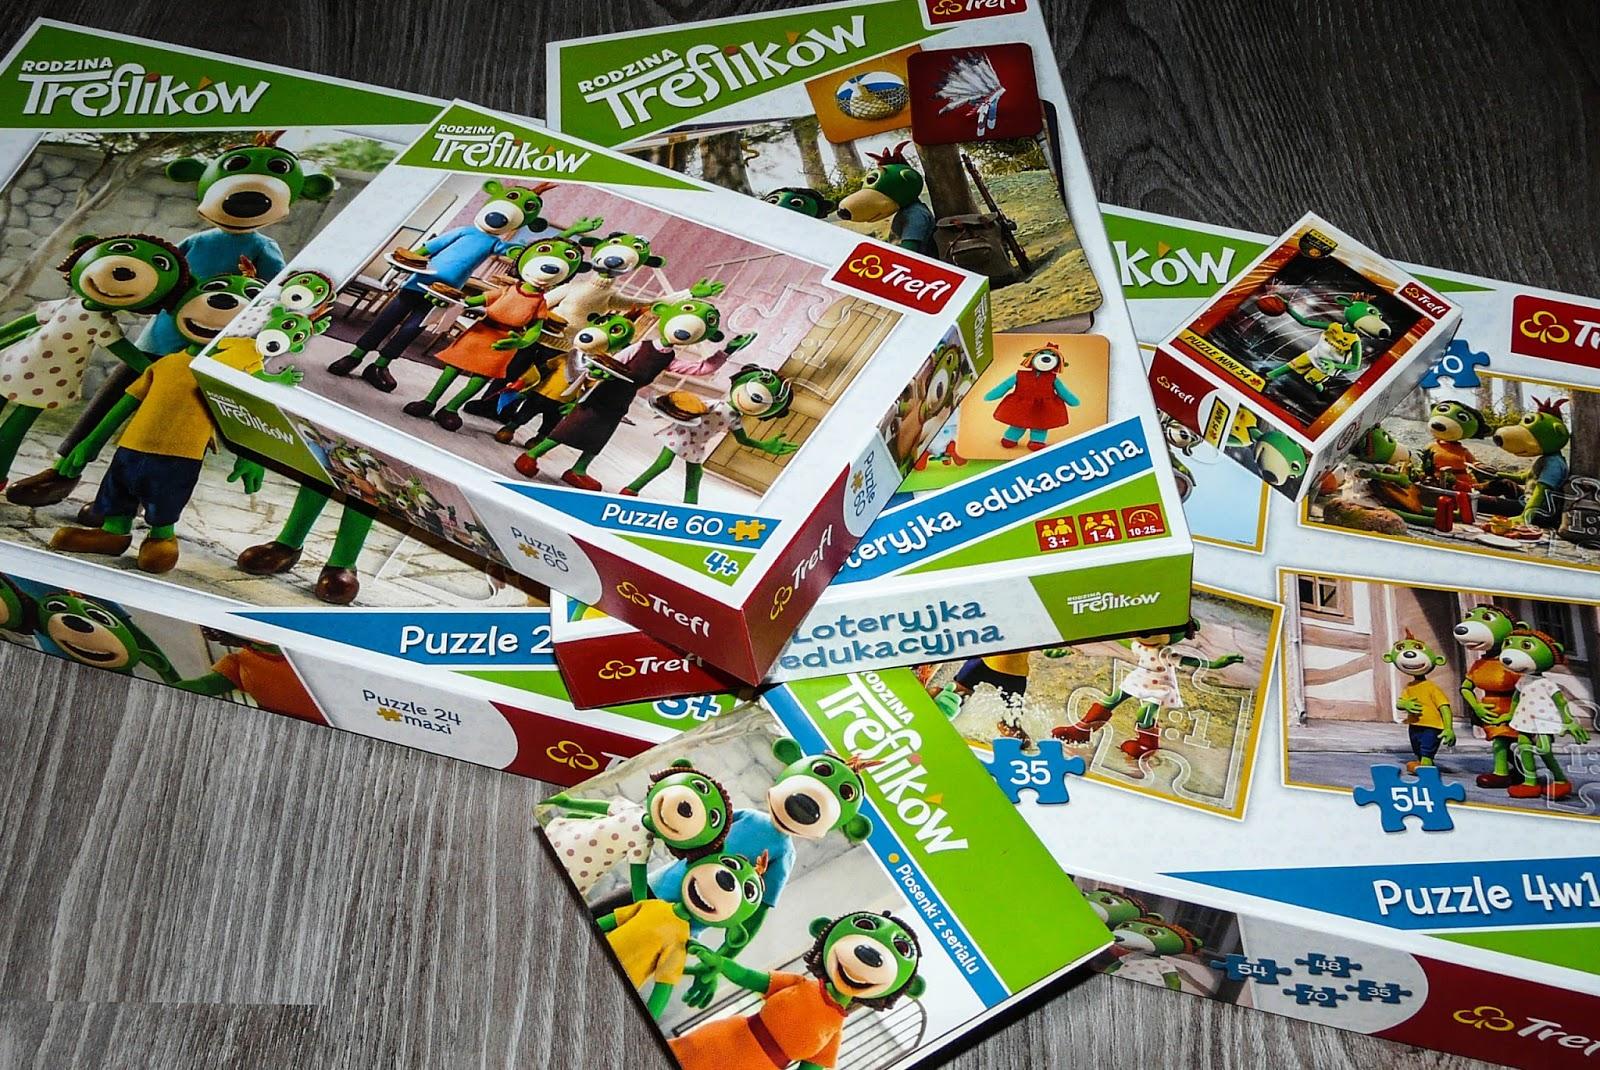 zabawki i puzzle z motywem treflików, zabawki dla trzylatka